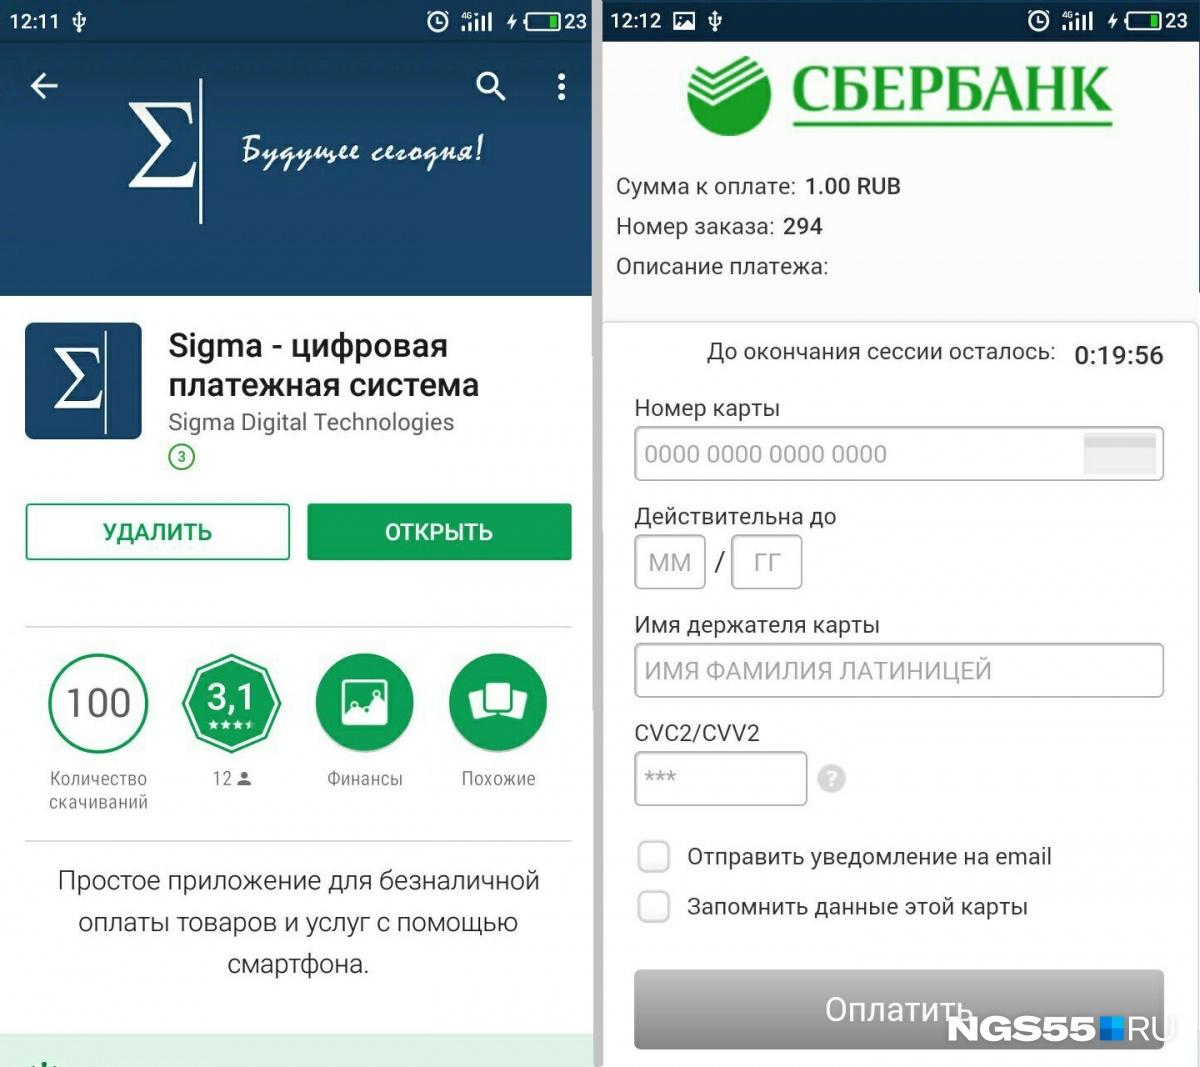 Слева на снимке показано, как выглядит приложение, а справа —окно, в которое нужно вбивать данные карты. Стоит поставить галочку в последнем пункте